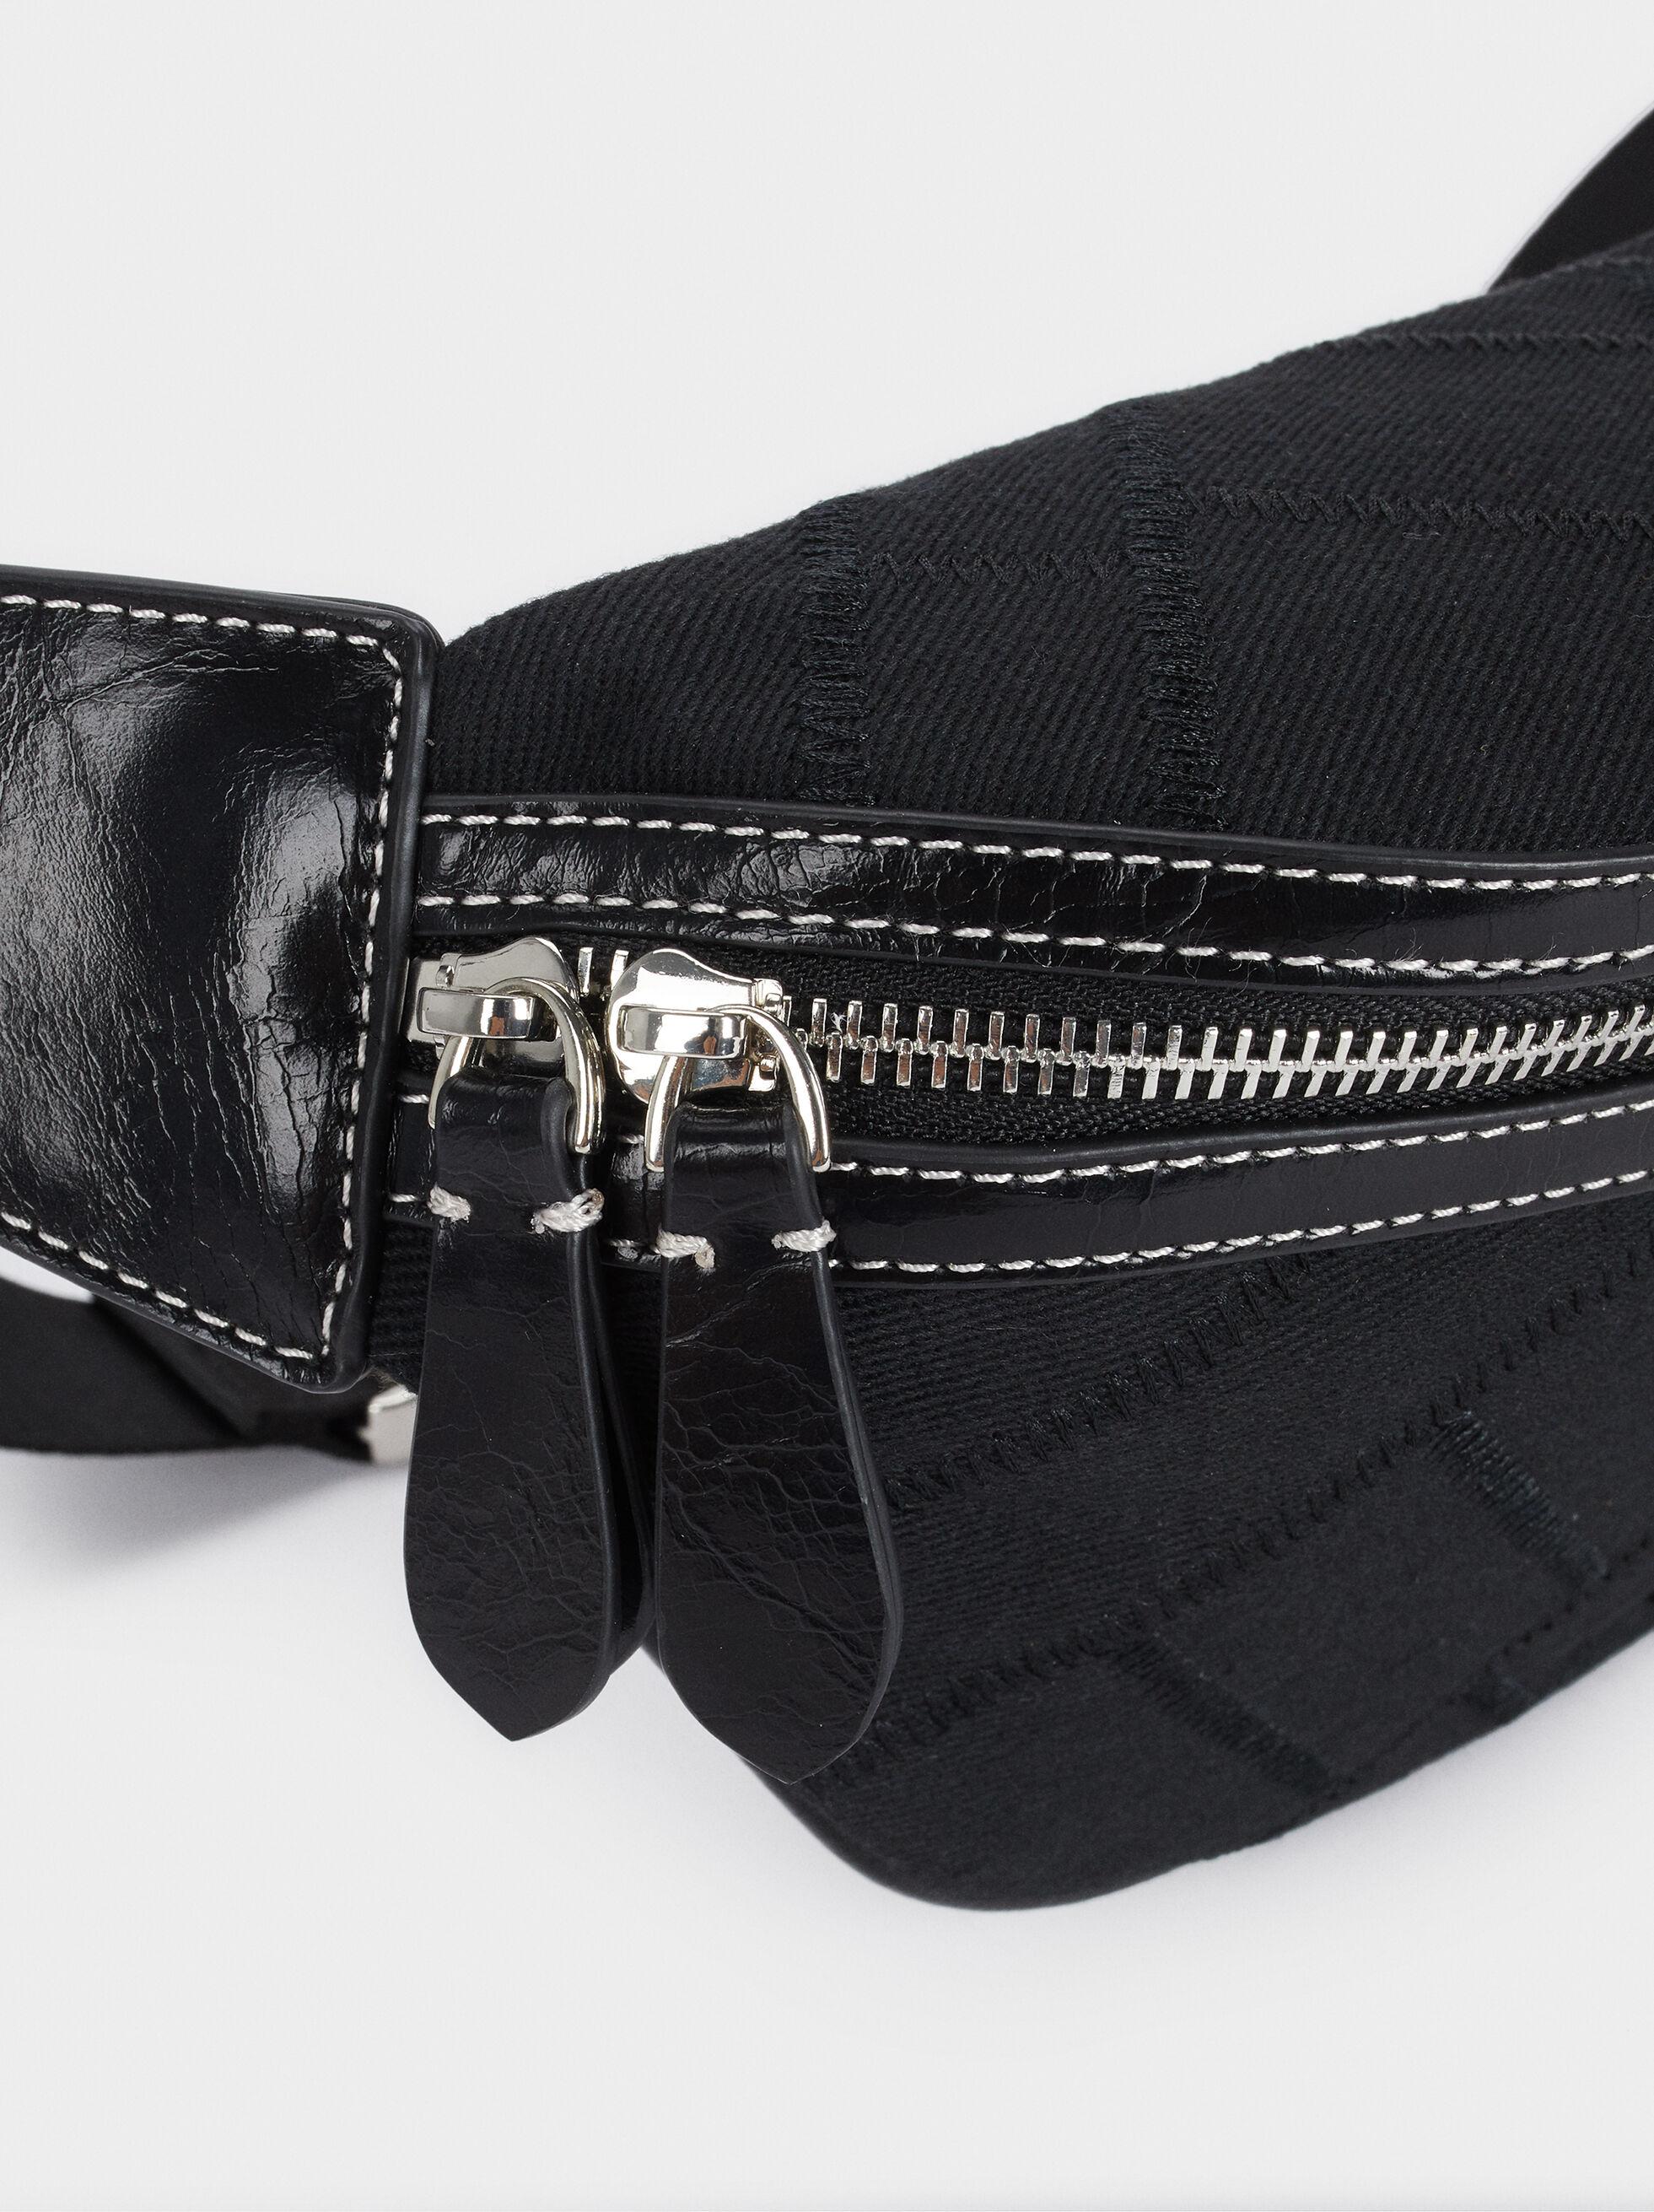 Bolsa De Cintura Com Fecho De Correr, Preto, hi-res